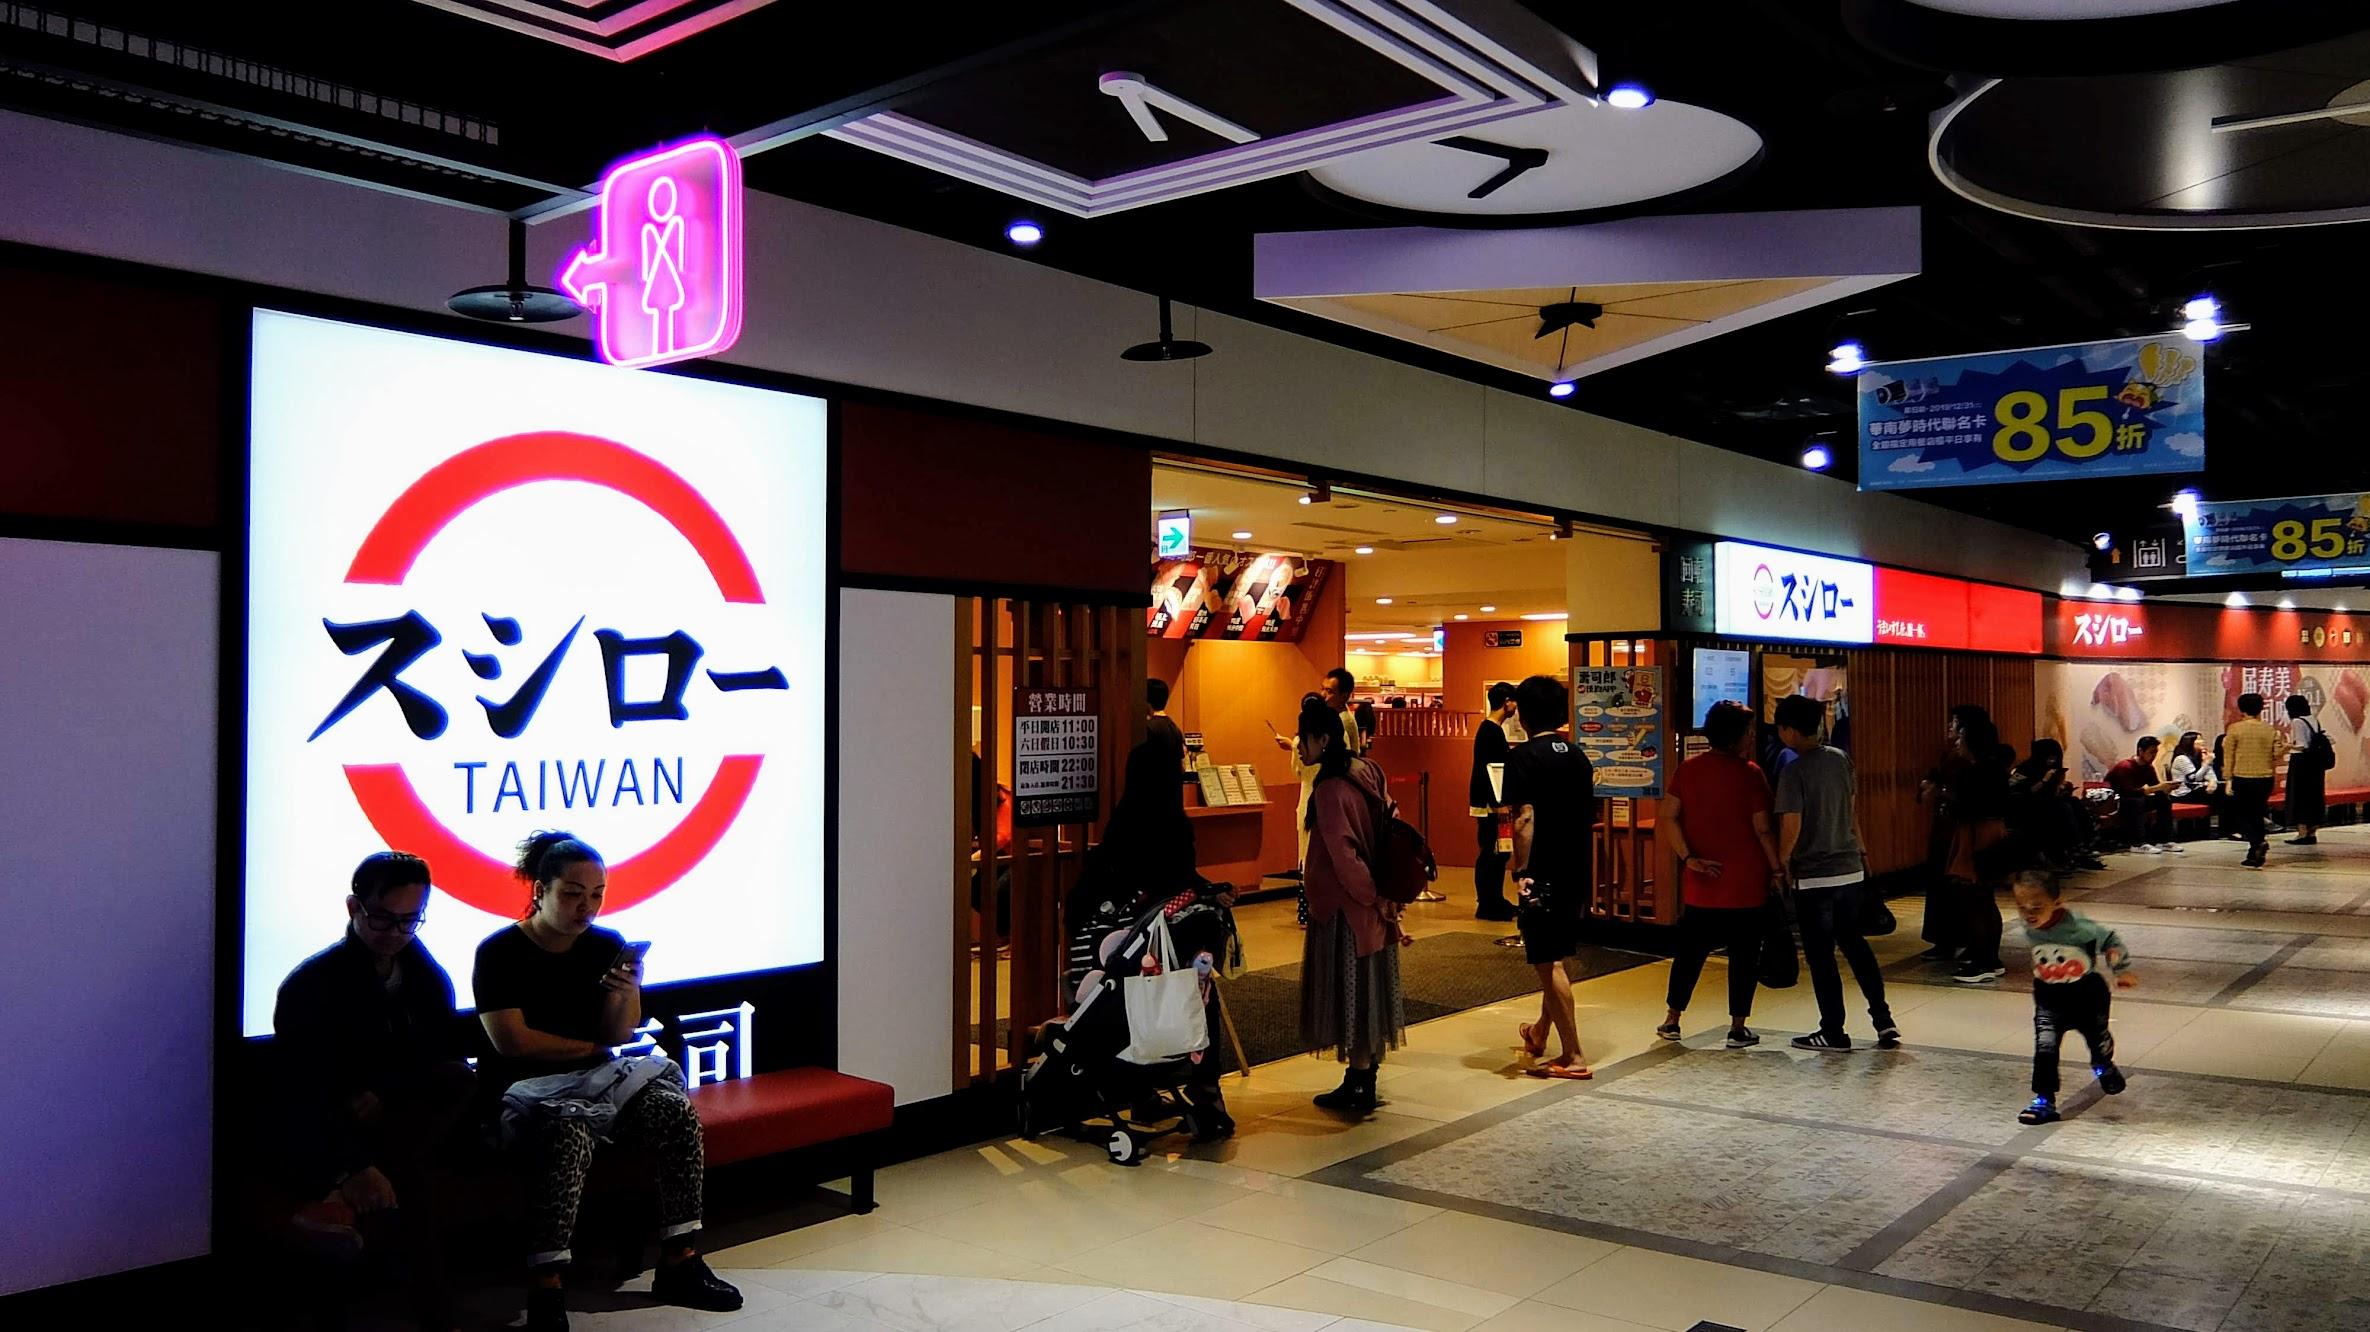 """夢時代6樓的""""壽司郎"""",是日本的店開到高雄來喔! 不過台北台中也都有店就是了"""